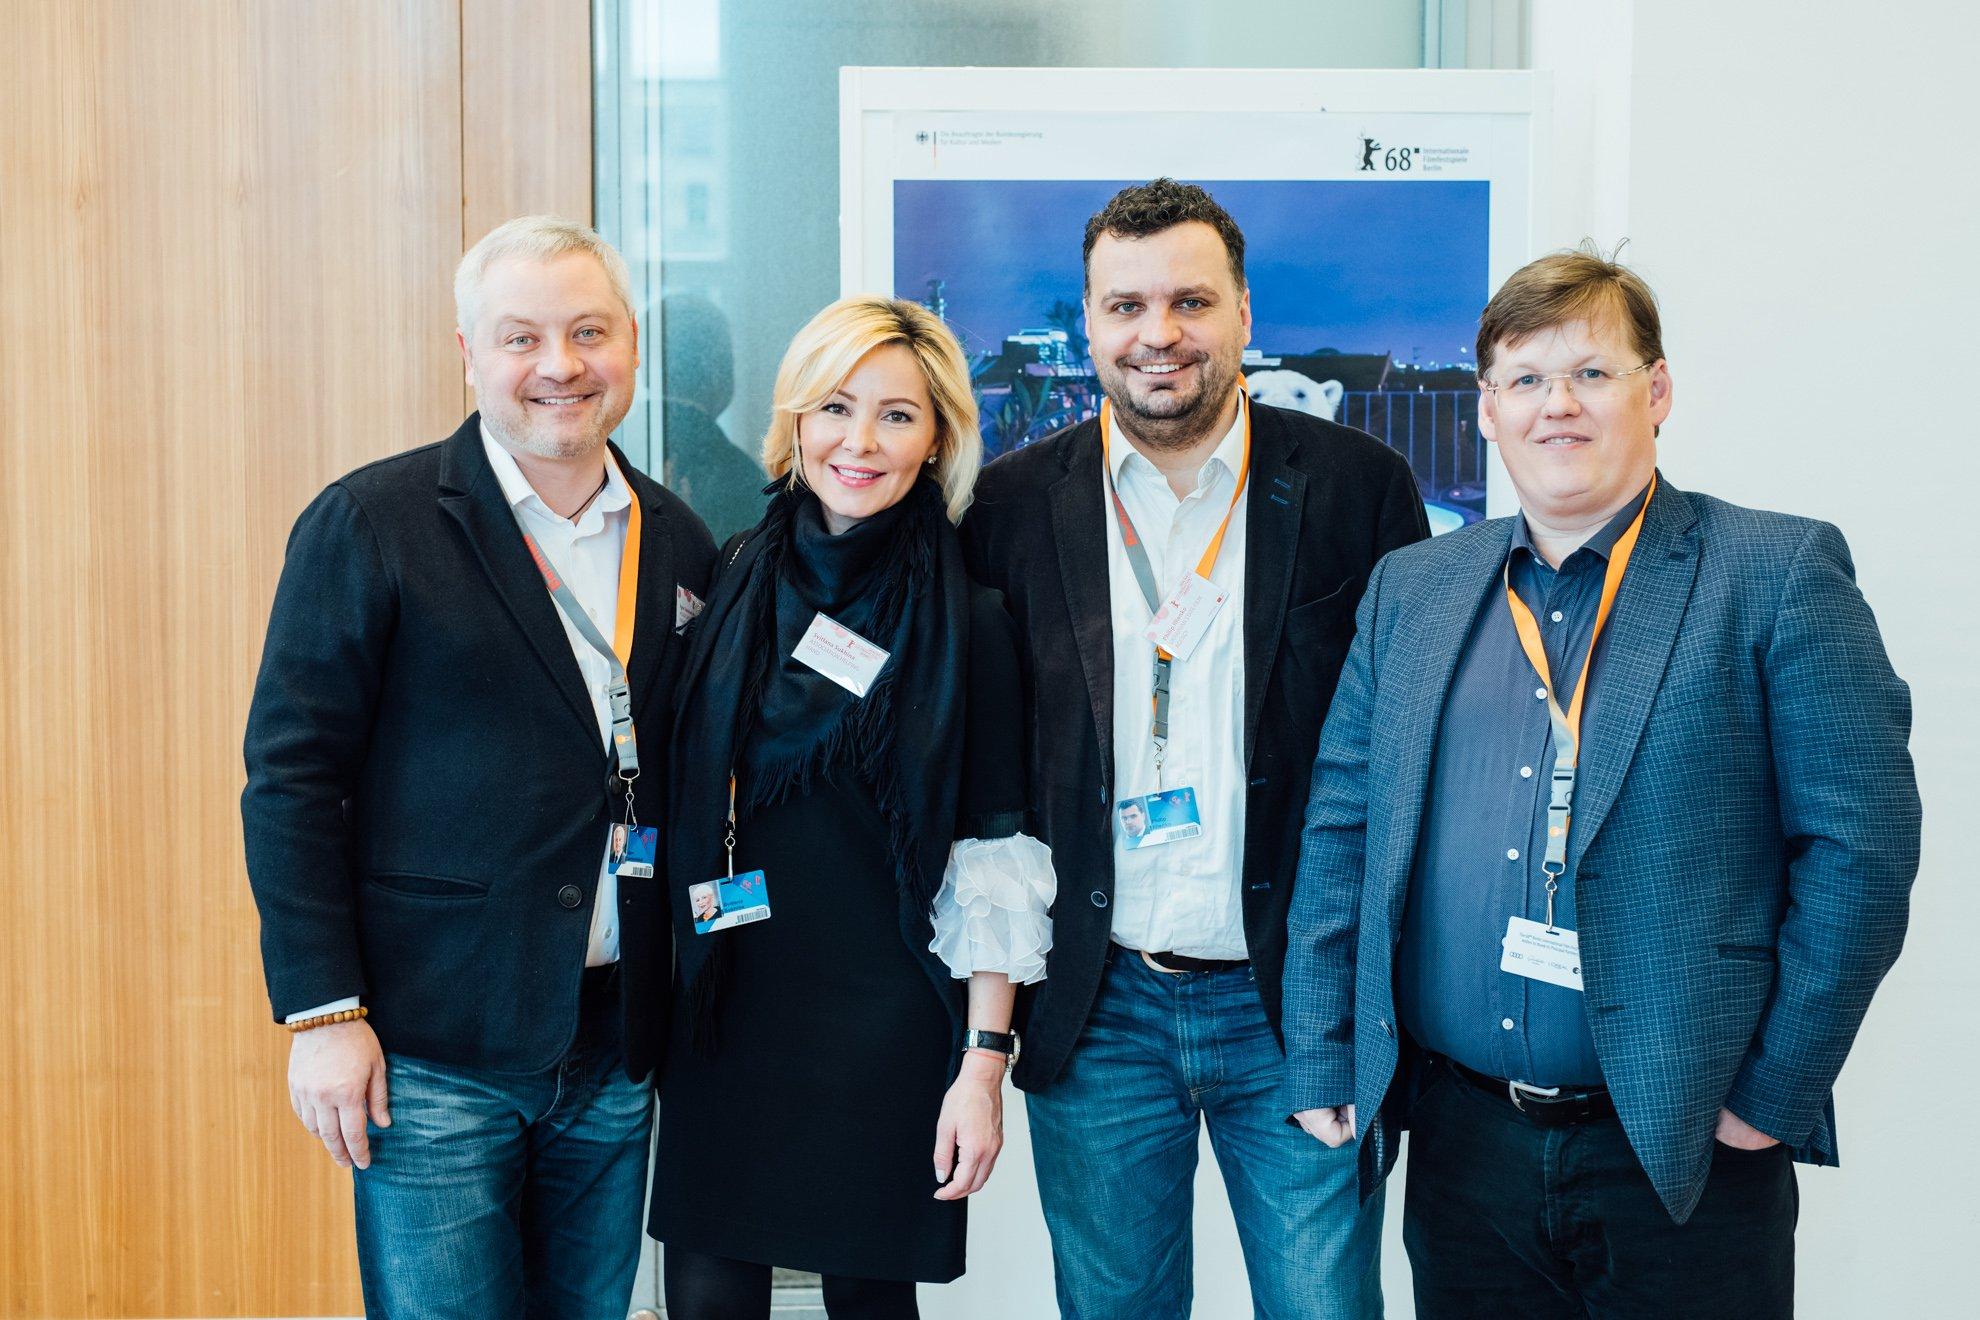 Игорь Янковский с супругой Светланой Сухиной, Филипп Ильенко, Павел Розенко